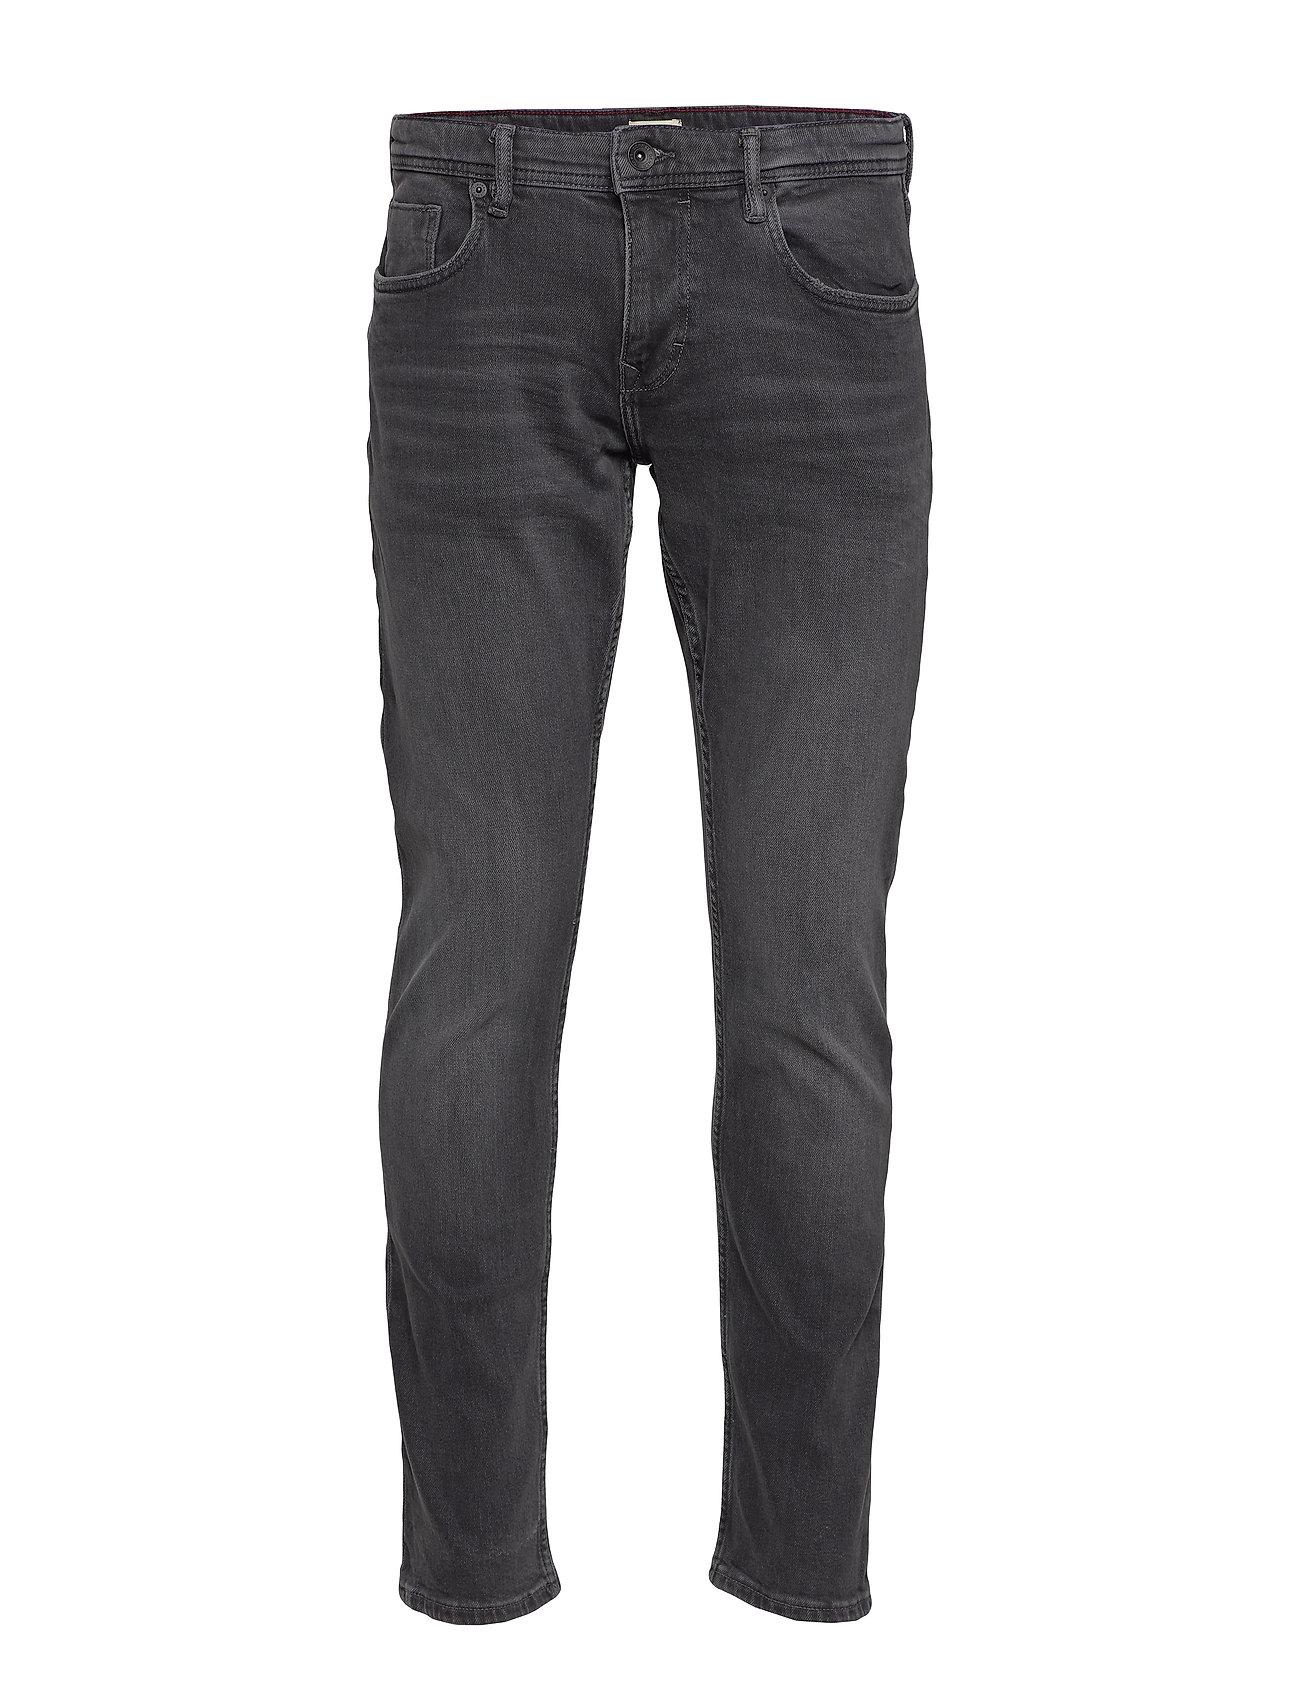 Esprit Casual Pants denim - BLACK MEDIUM WASH